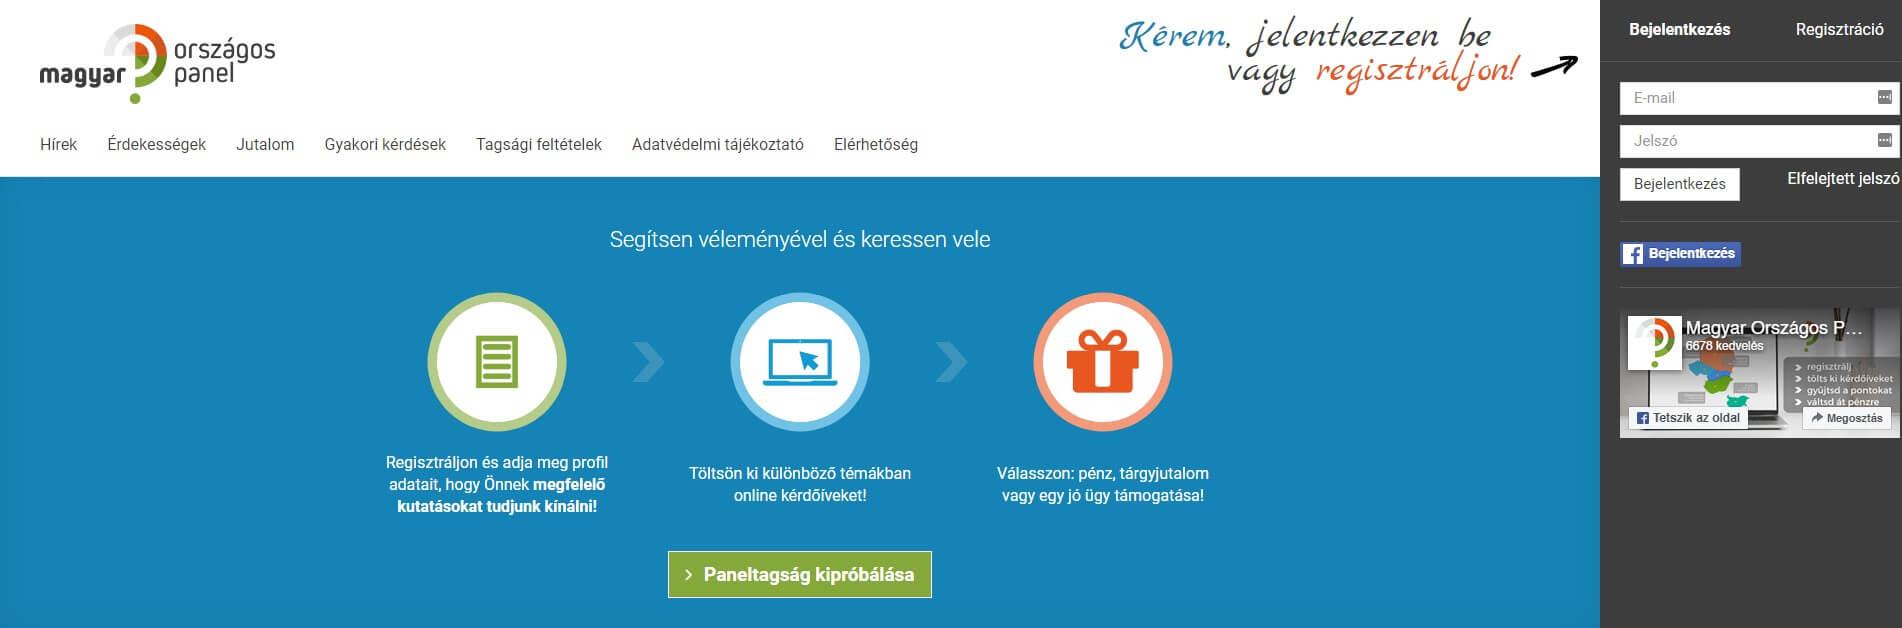 egy weboldal, ahol gyorsan pénzt kereshet és)